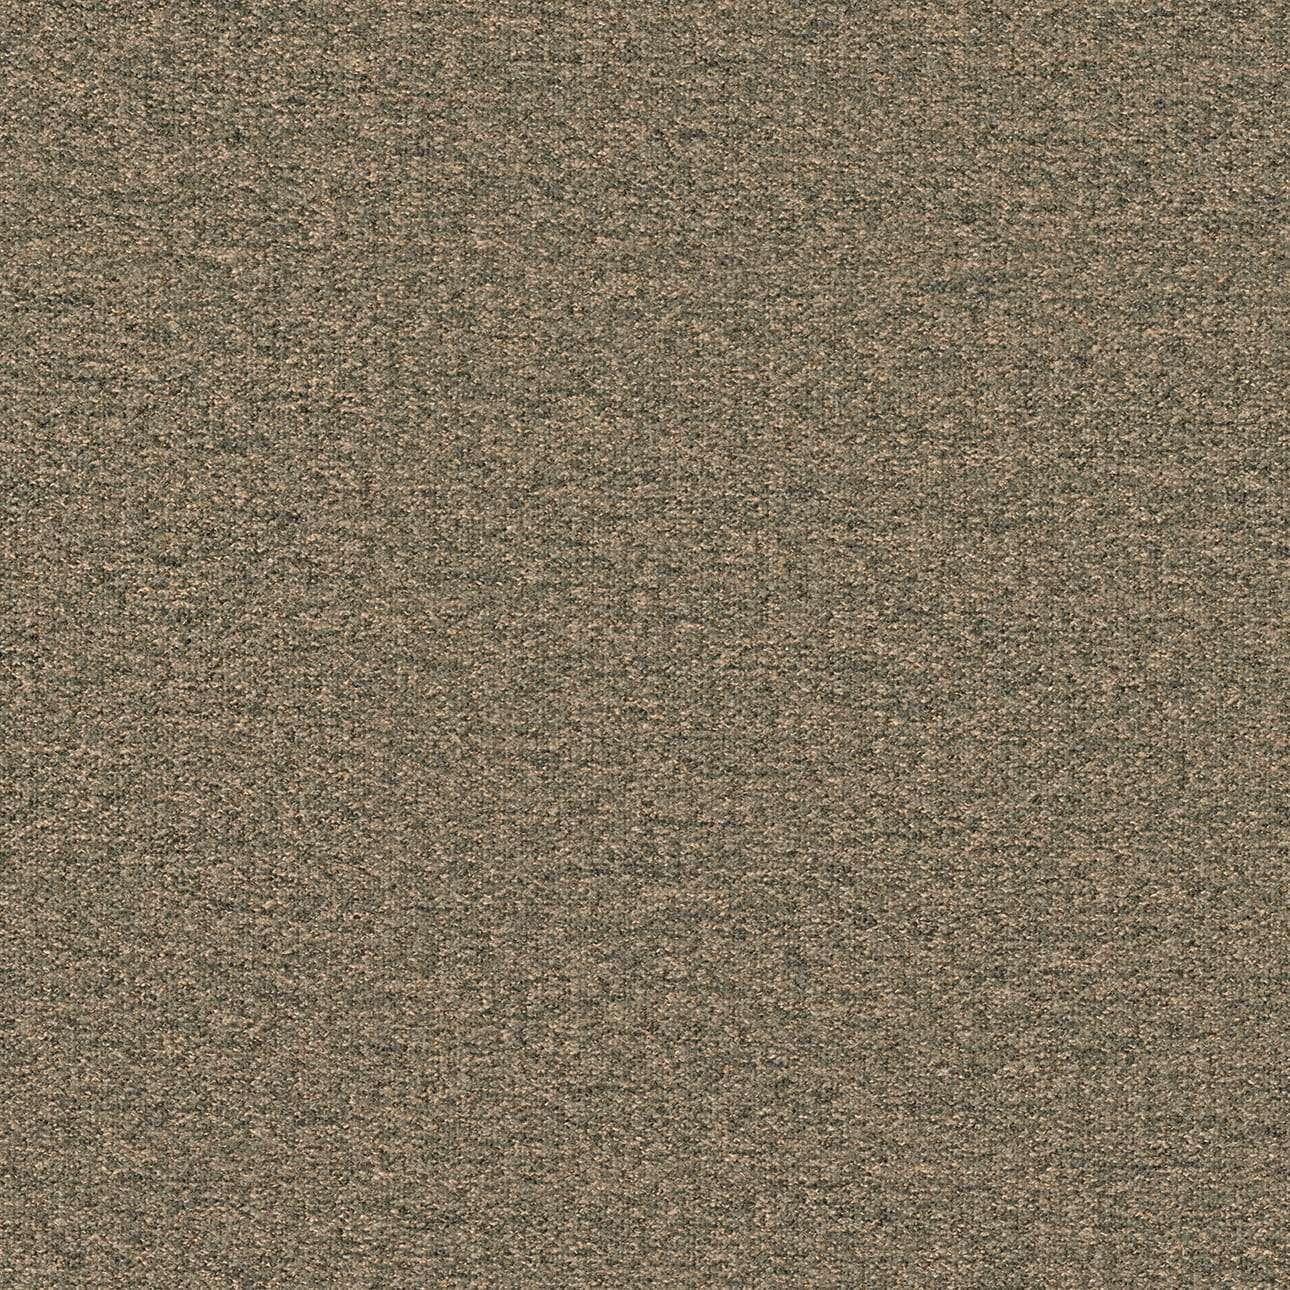 Pokrowiec na pufę kostkę w kolekcji Living, tkanina: 160-34